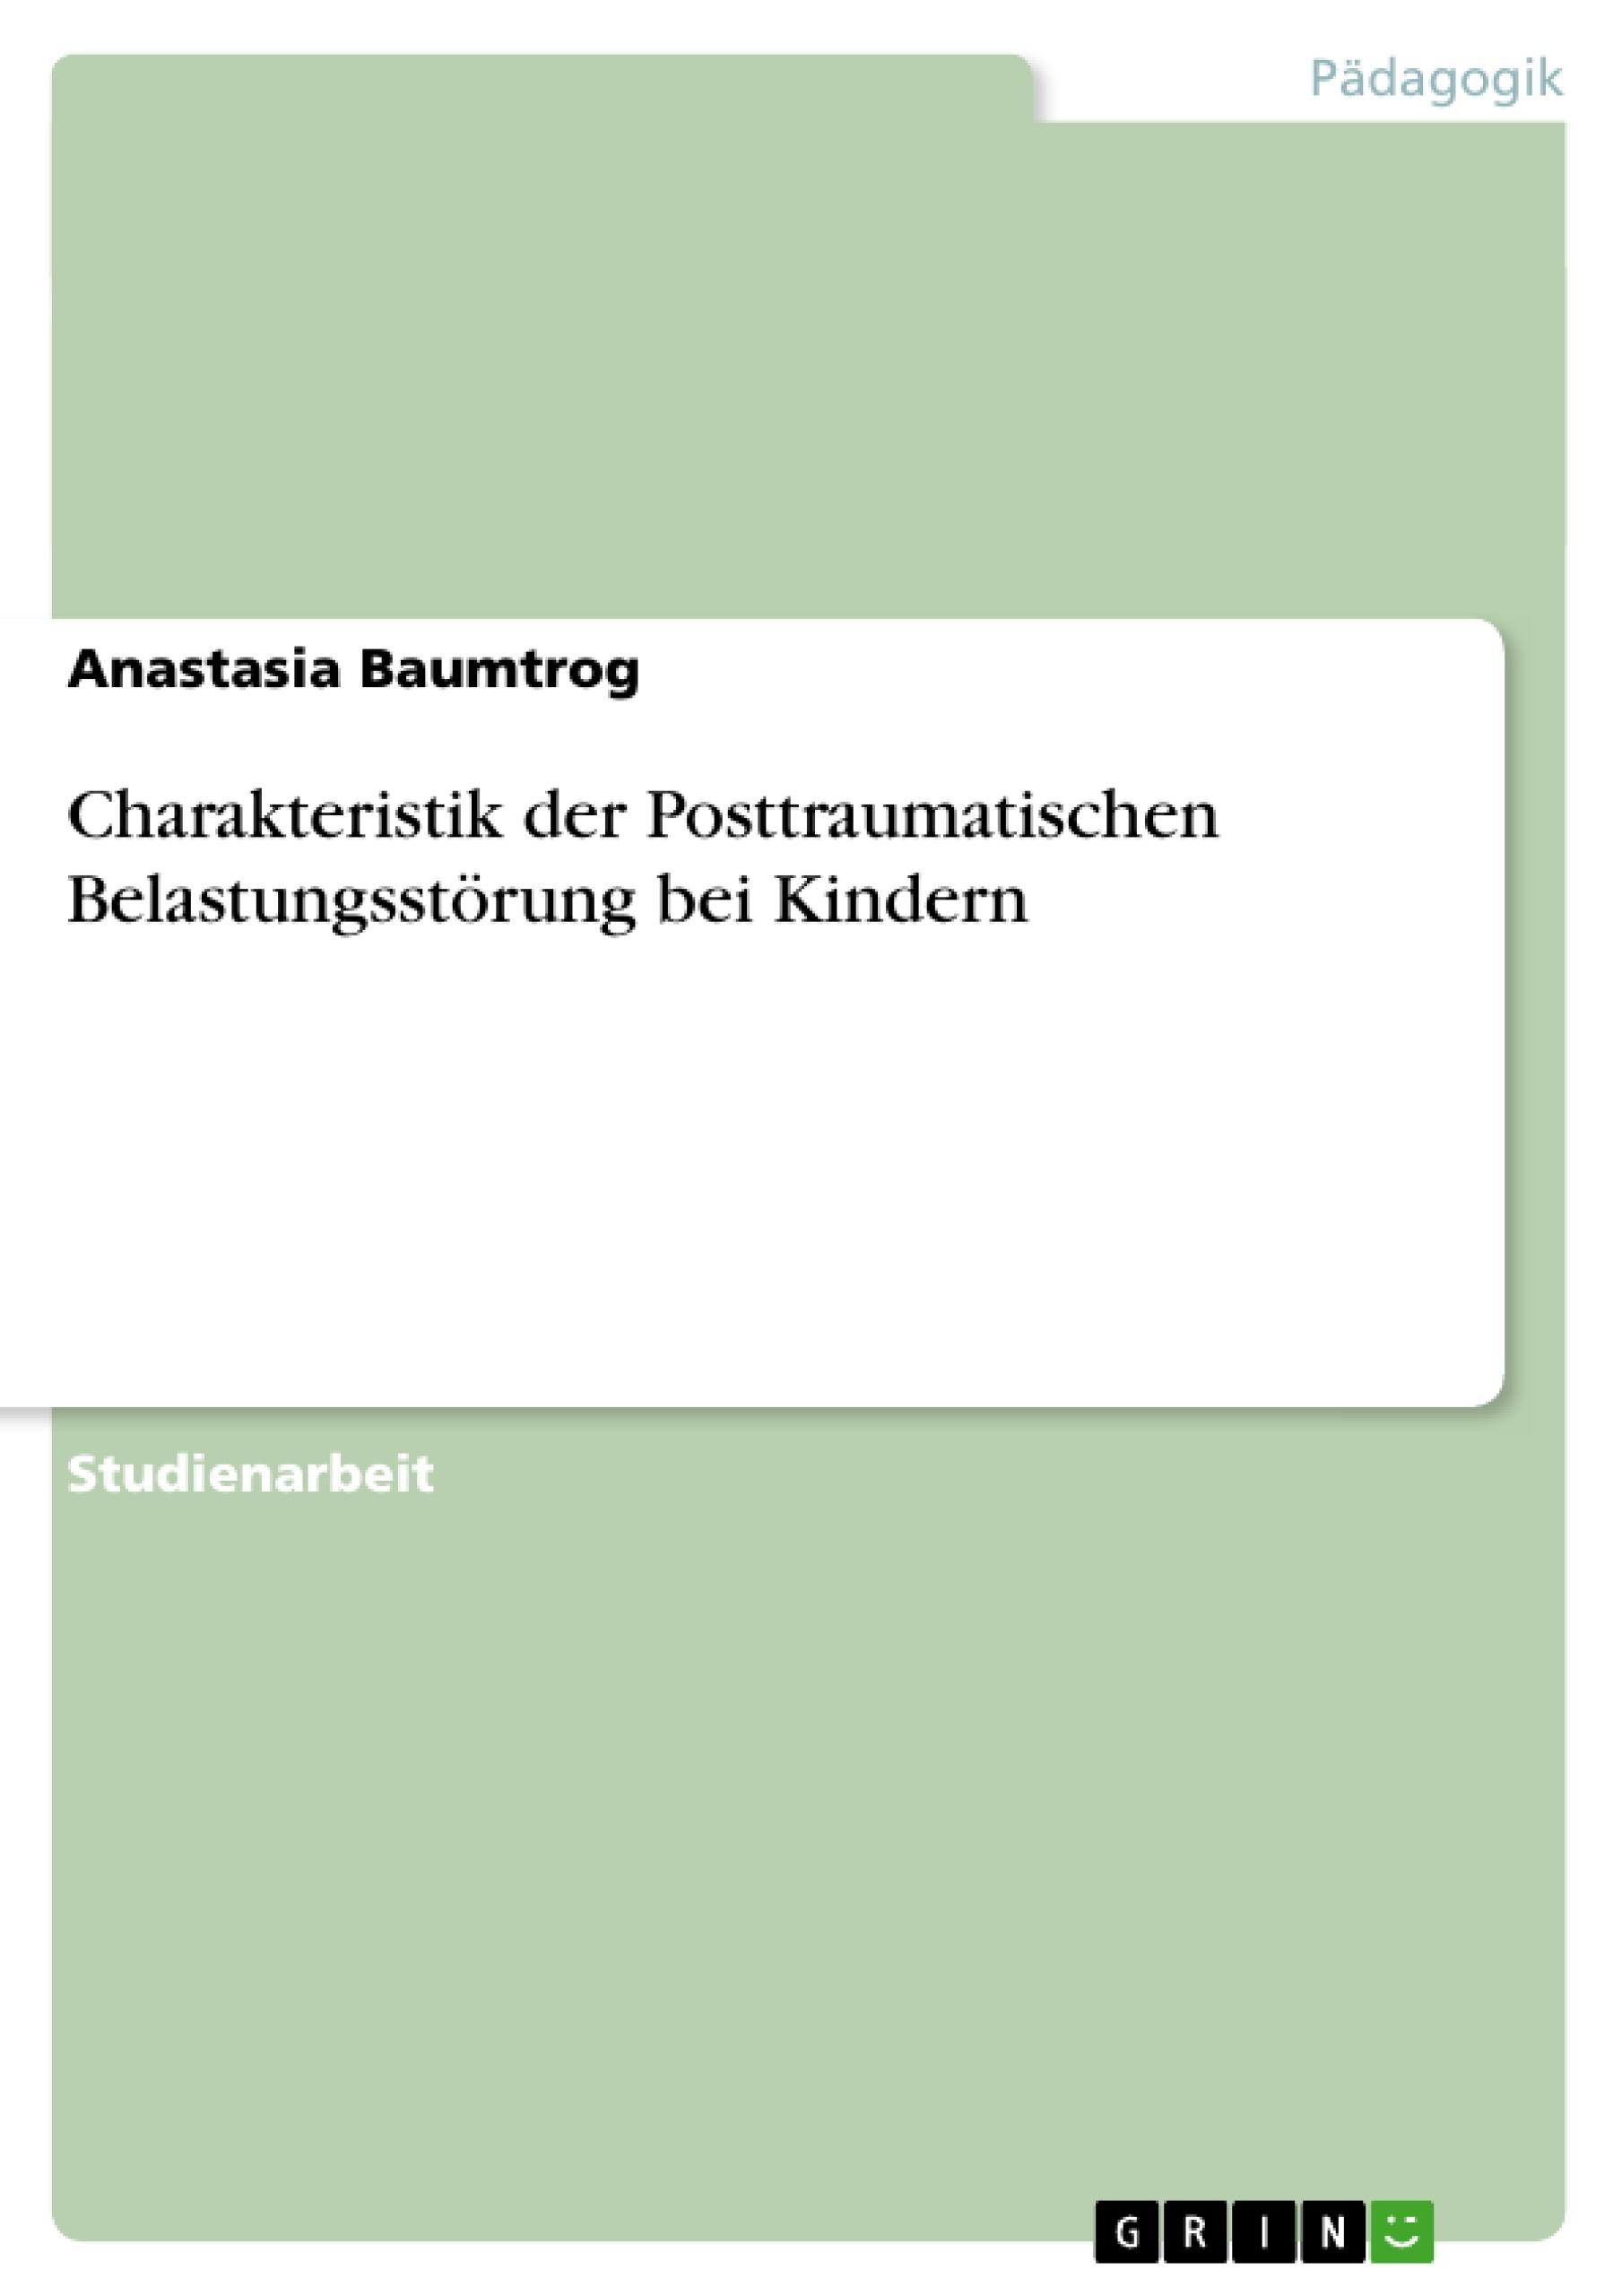 Titel: Charakteristik der Posttraumatischen  Belastungsstörung bei Kindern